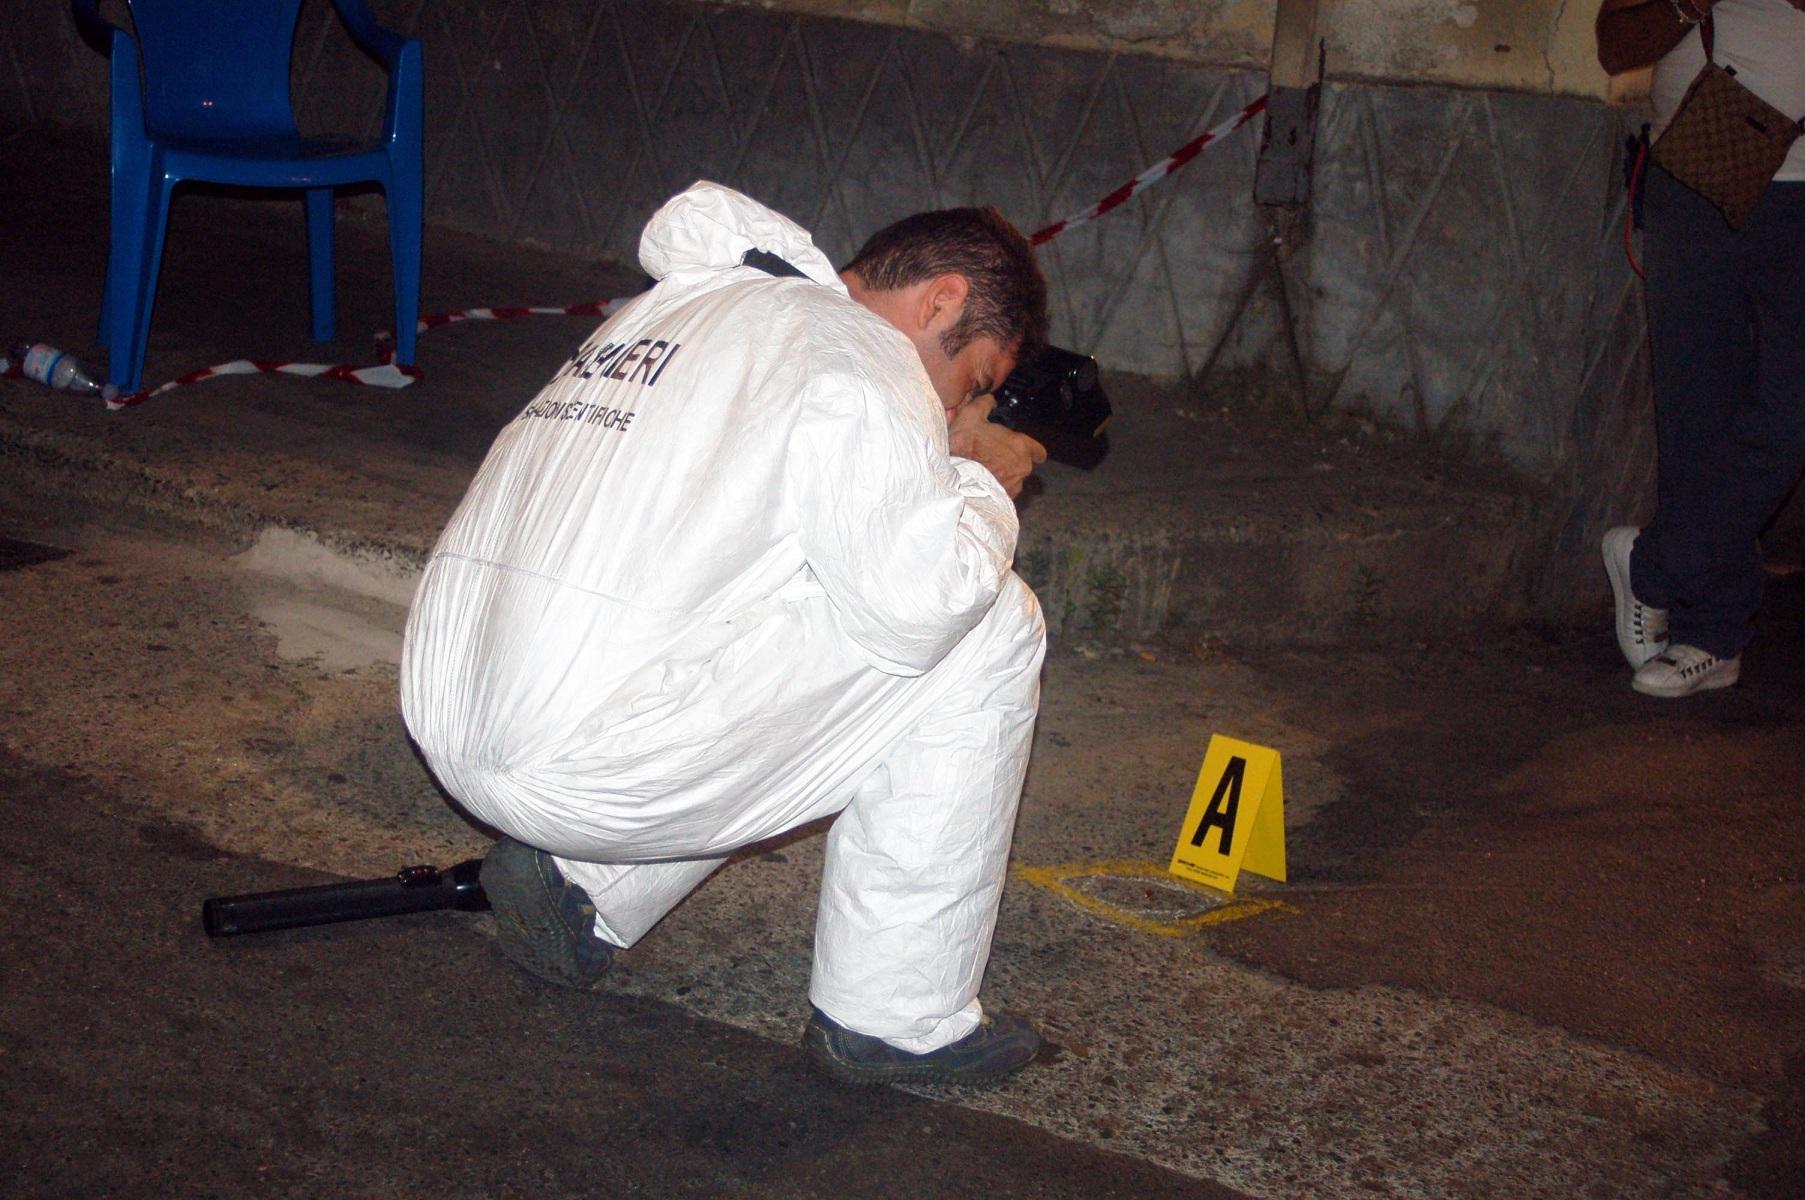 Ingegnere ferito con due colpi di pistola nel Reggino  Trasportato in ospedale, forse lite per fatti privati